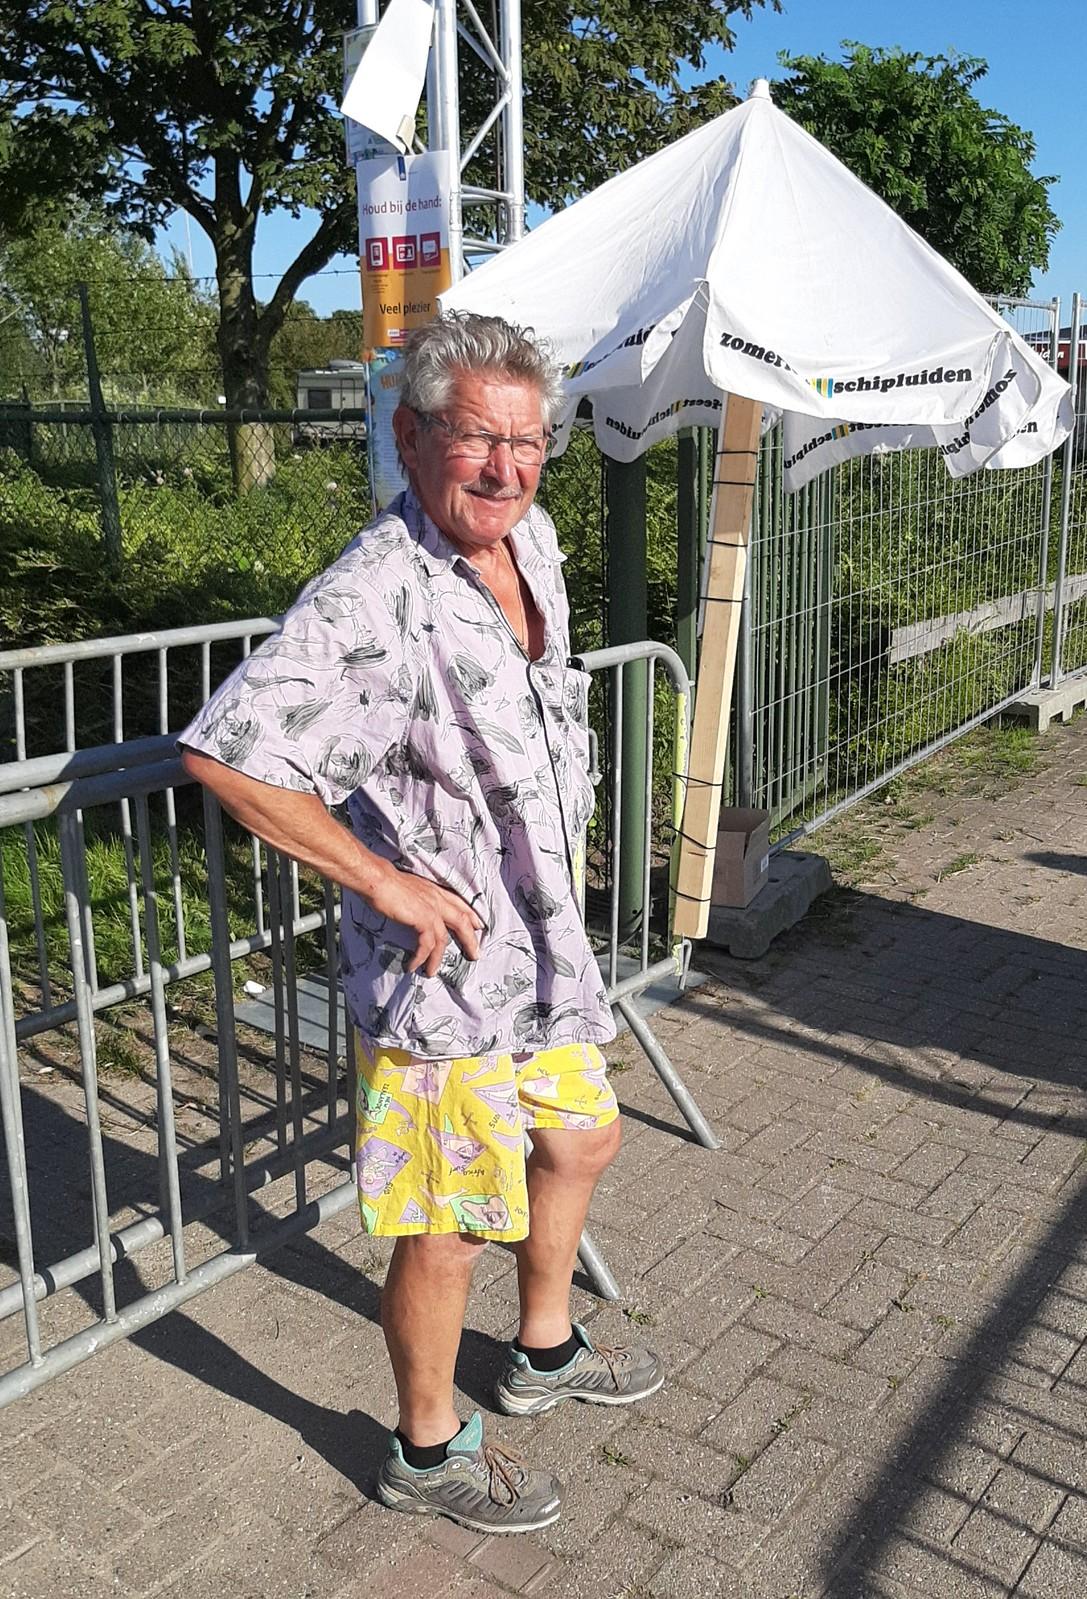 20210814_180936 - Ingrid van Velzen